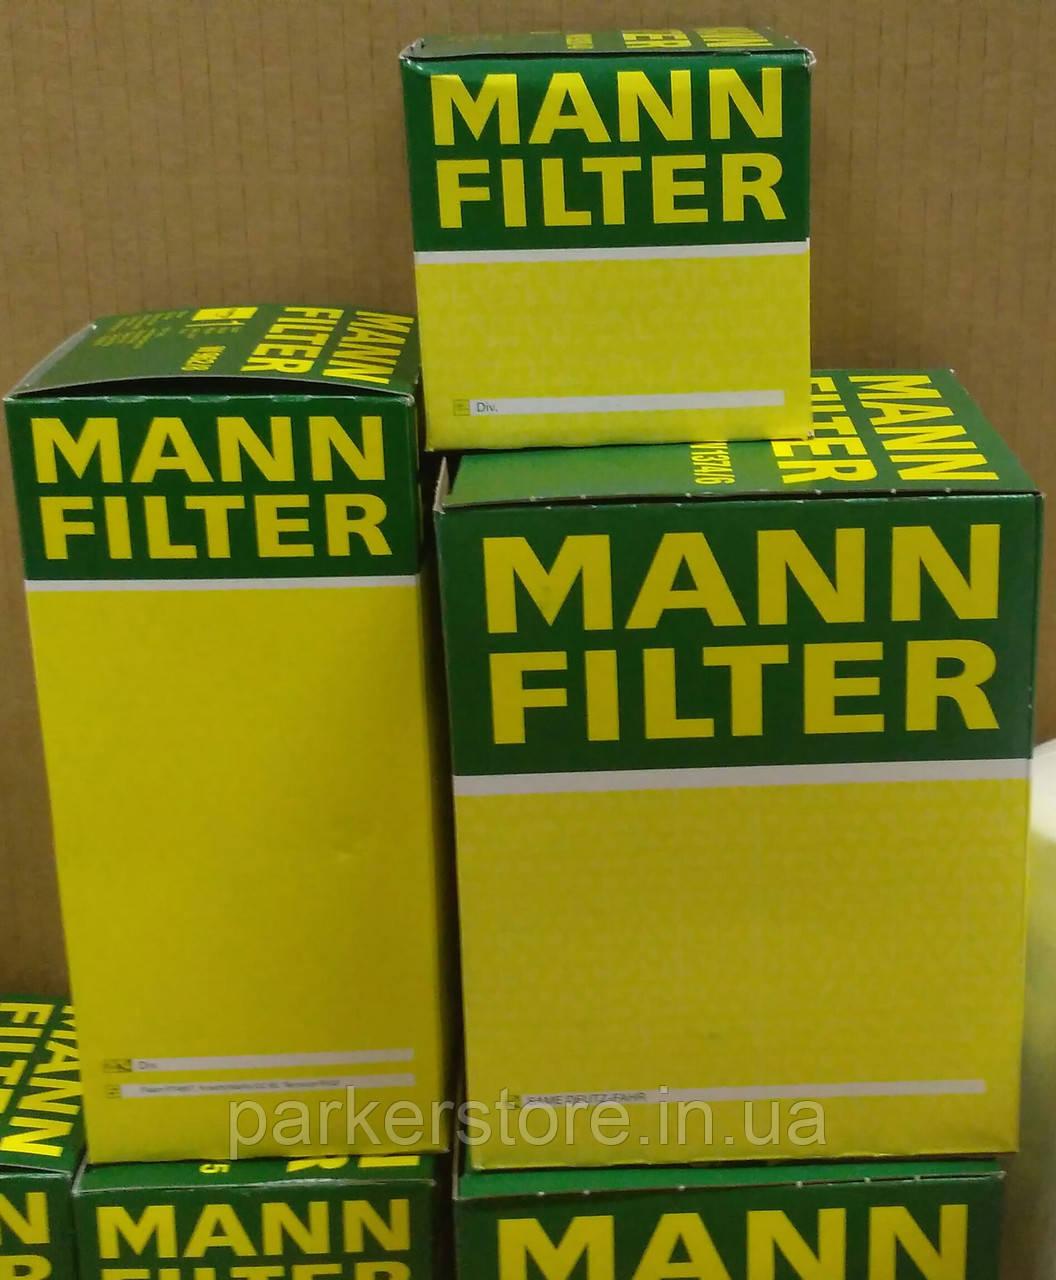 MANN FILTER / Повітряний фільтр / C 2942 / C2942